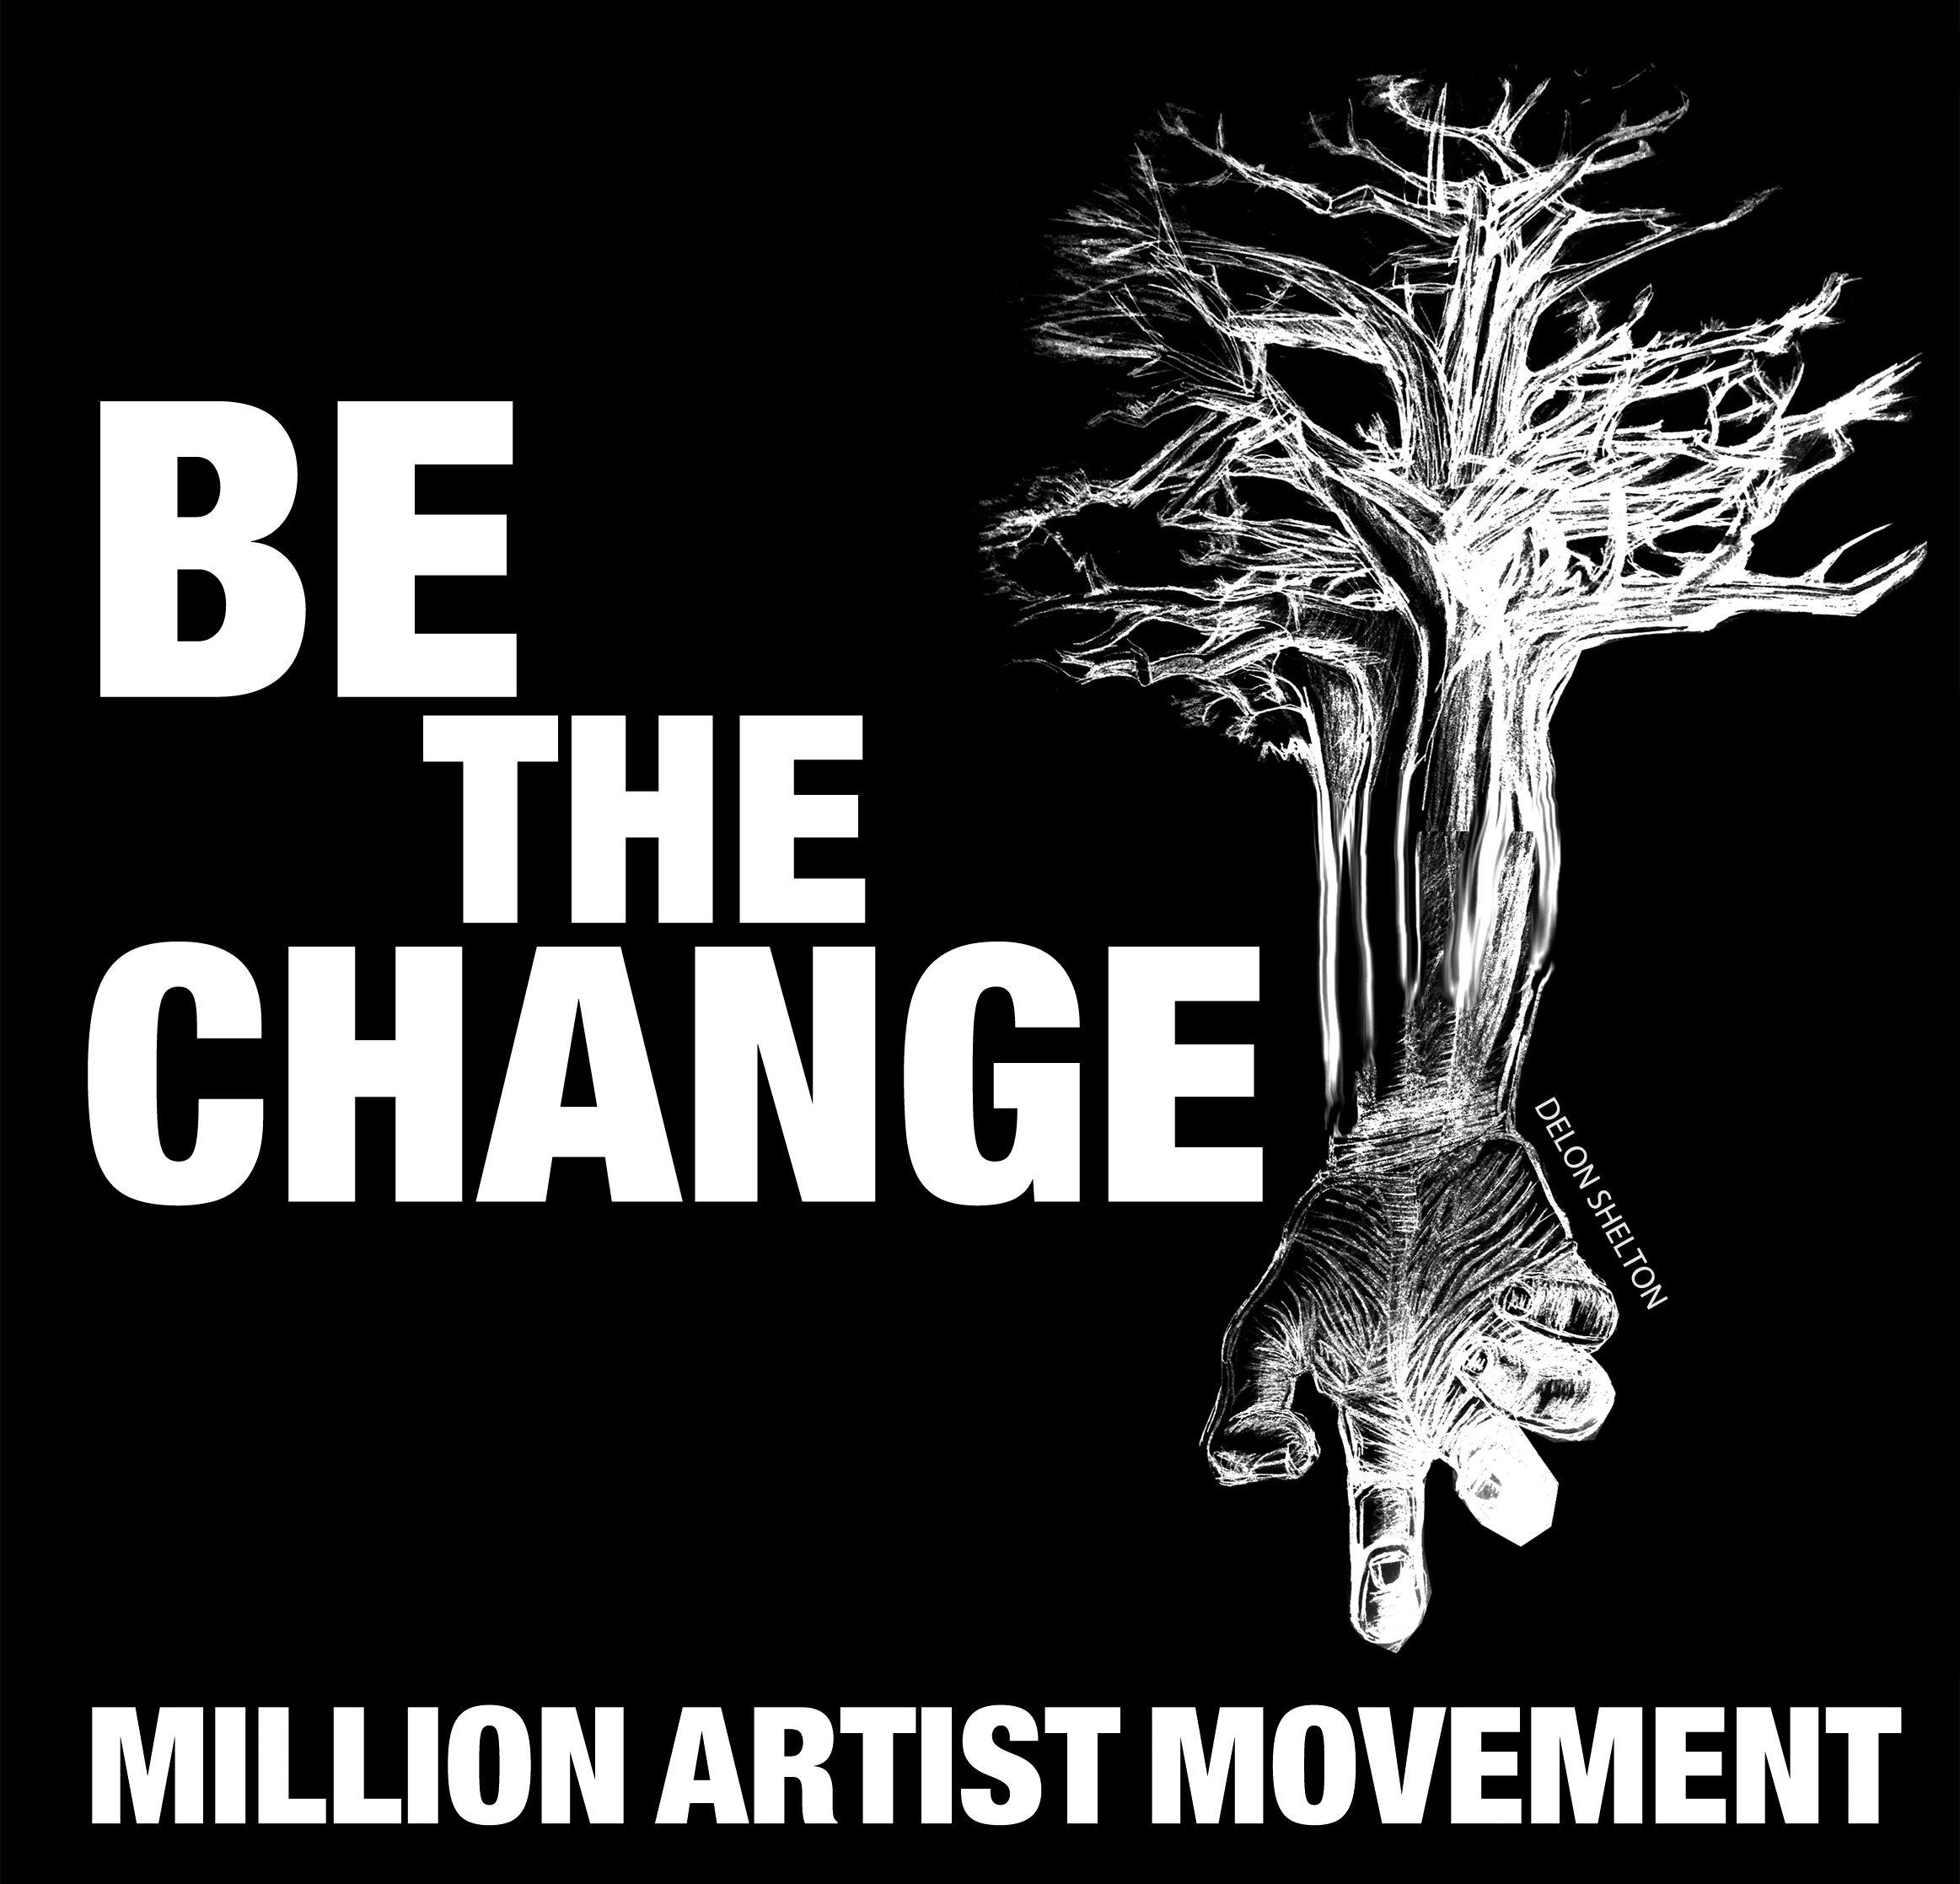 Million Artist Movement